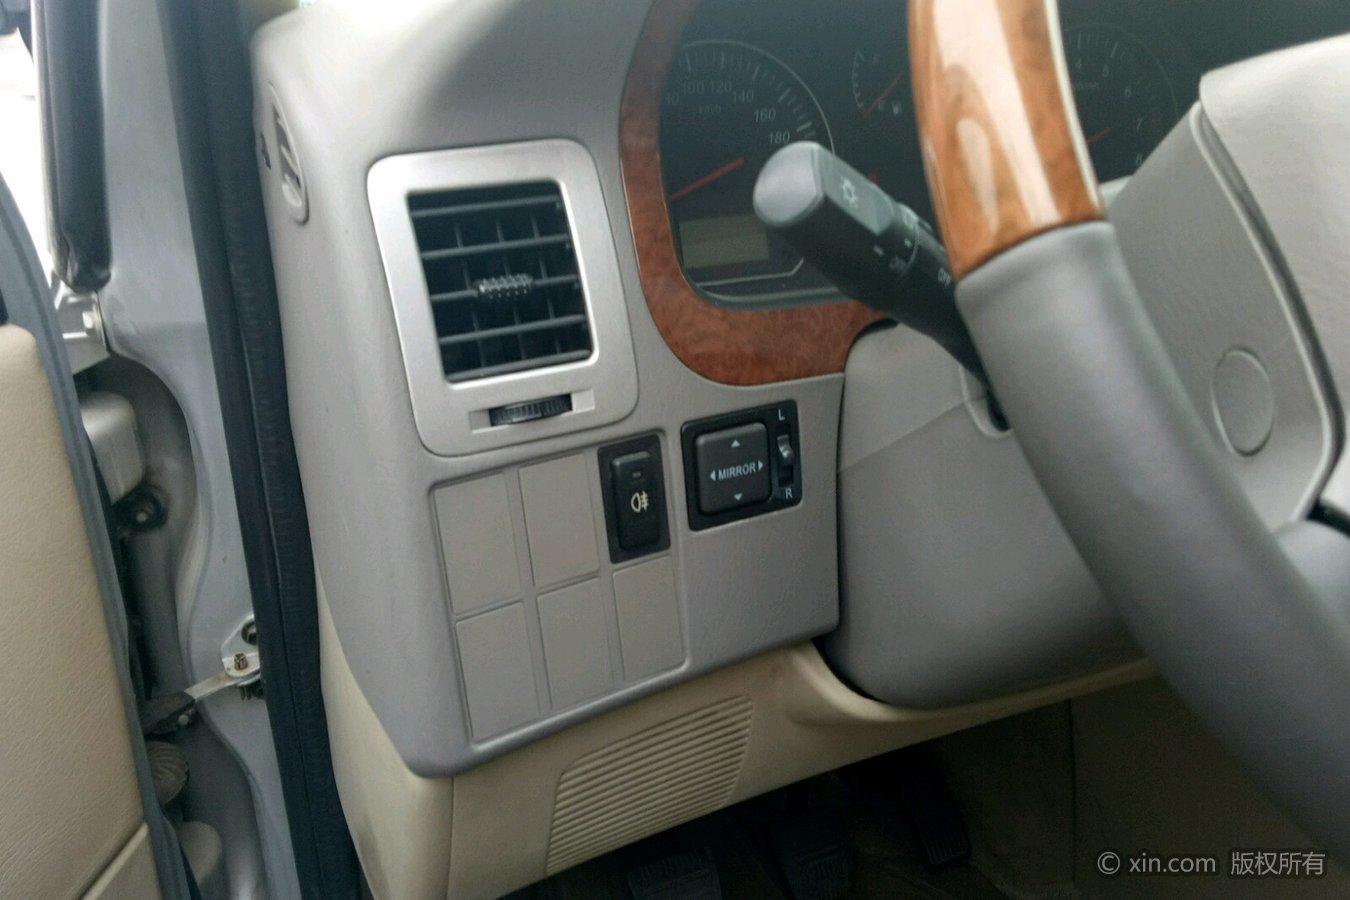 金杯 阁瑞斯 2010款 2.7 手动 3代御领豪华型长轴2tr